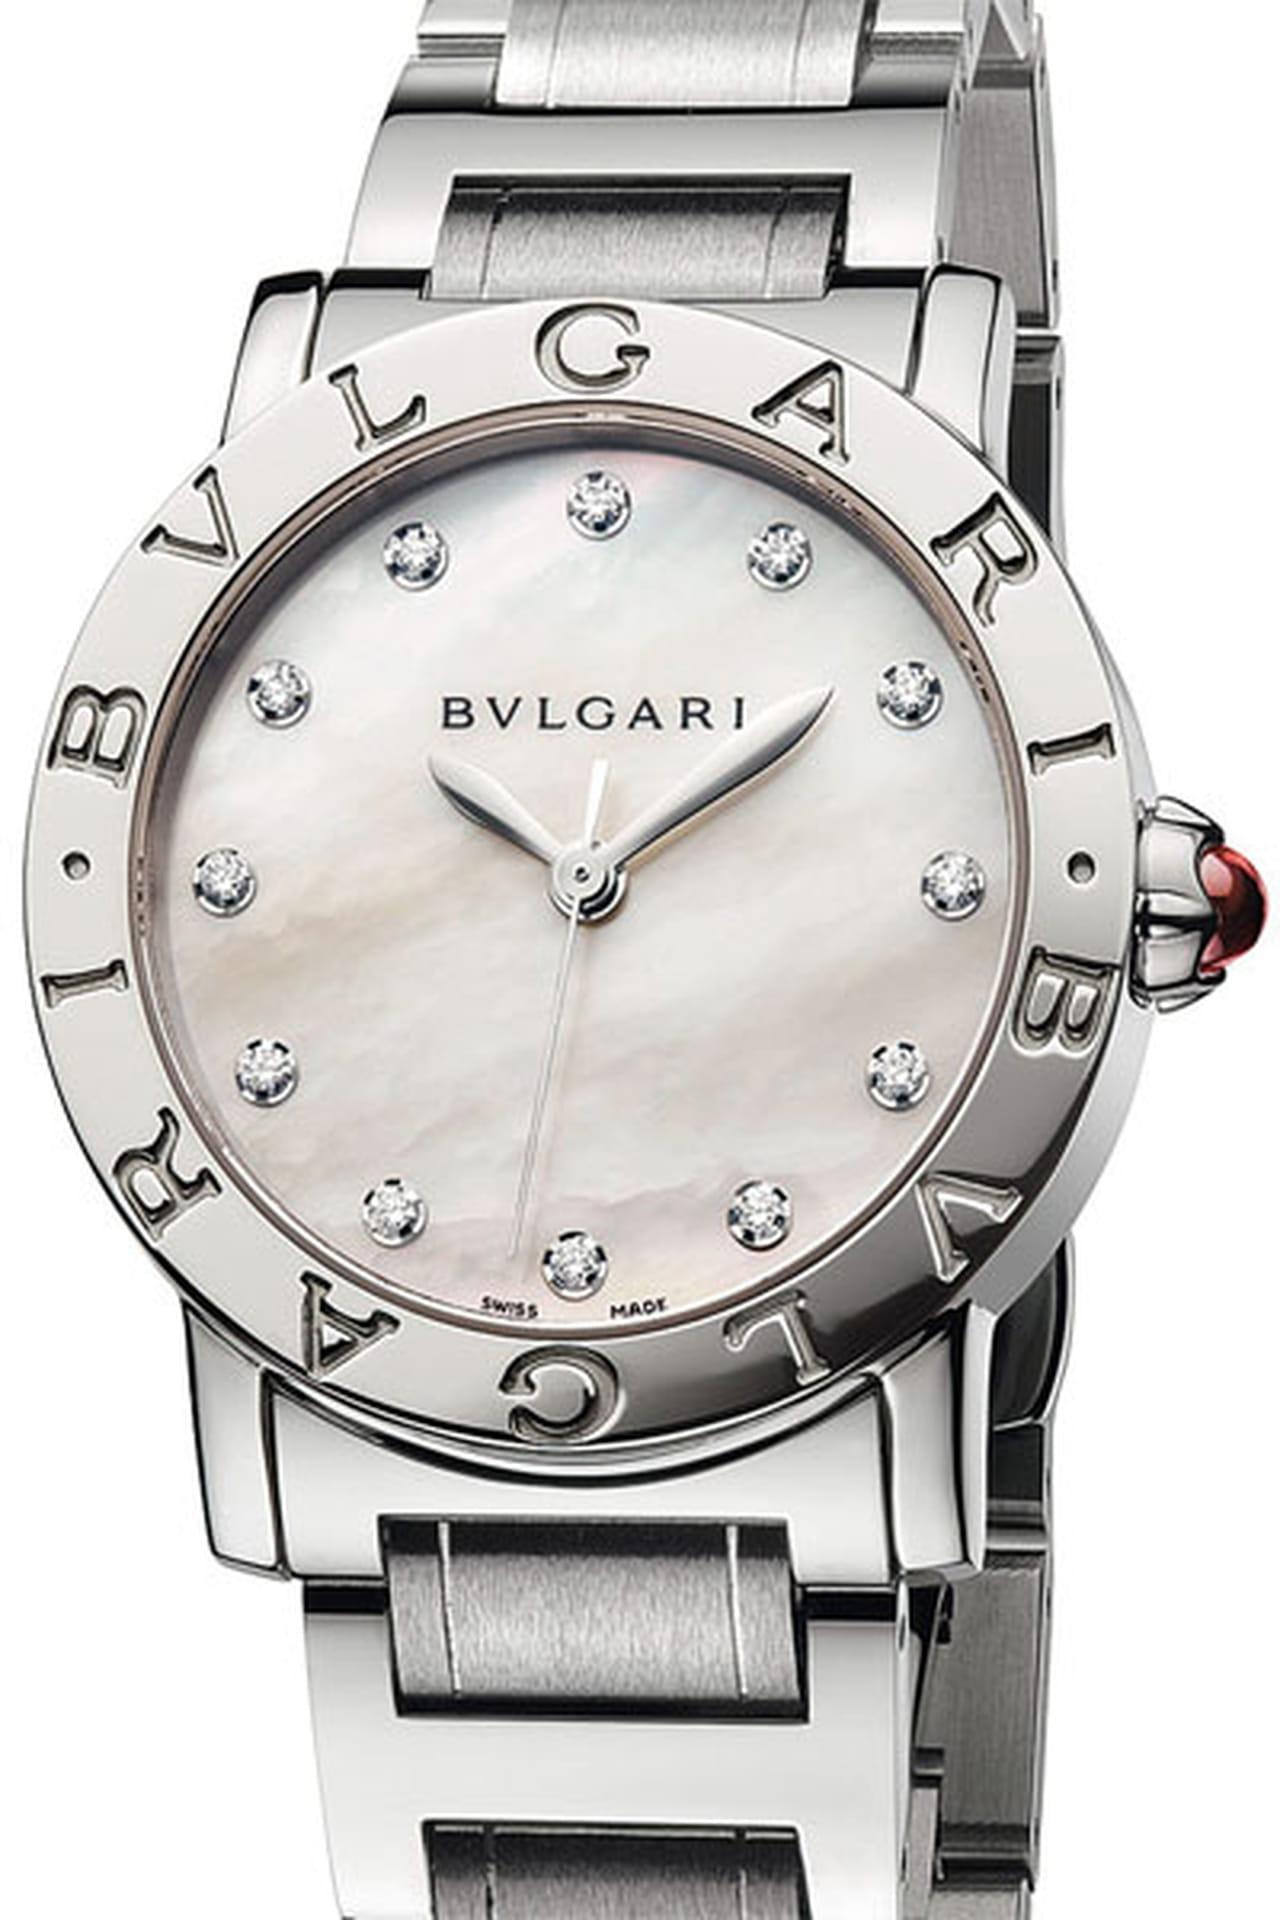 937080800 ساعات بولغاري النسائية وتشكيلة من أحدث التصميمات